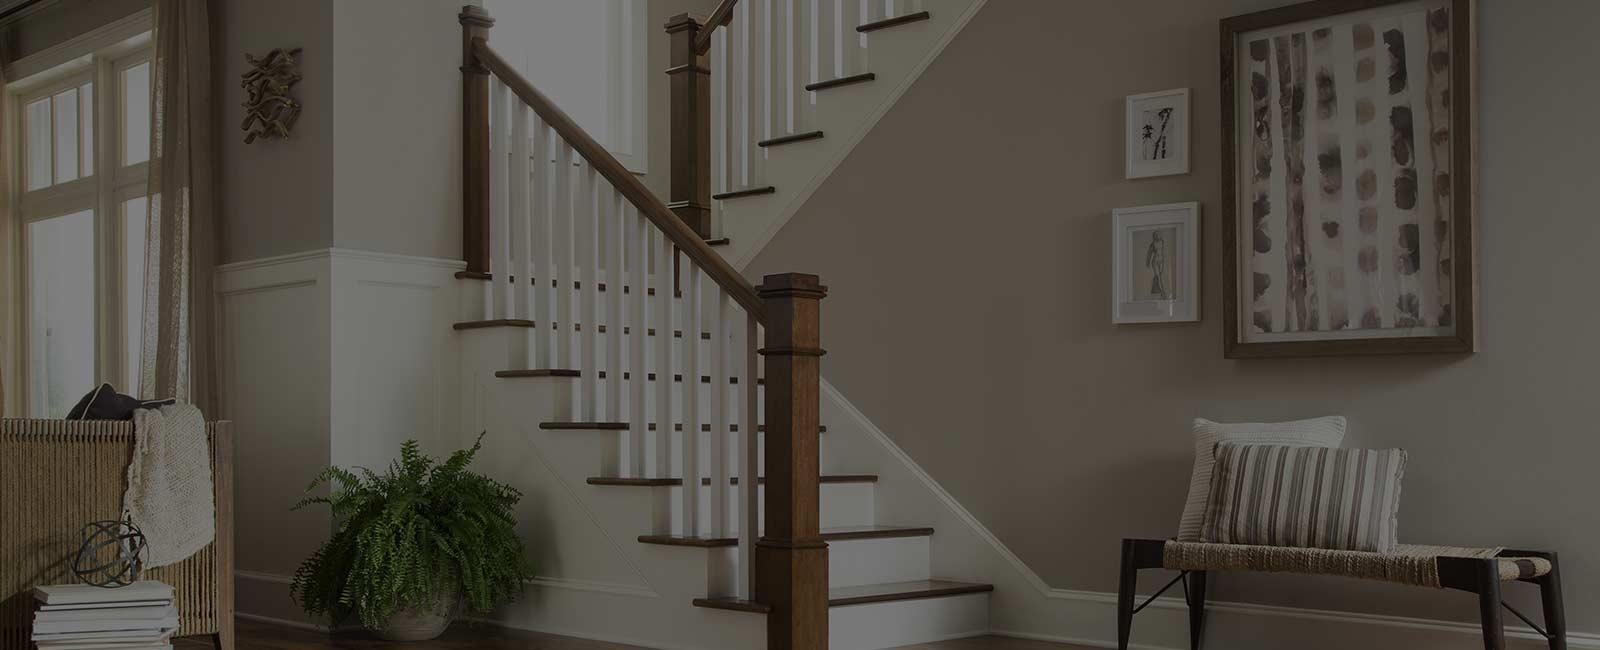 лестница на второй этаж фото горизонтальное